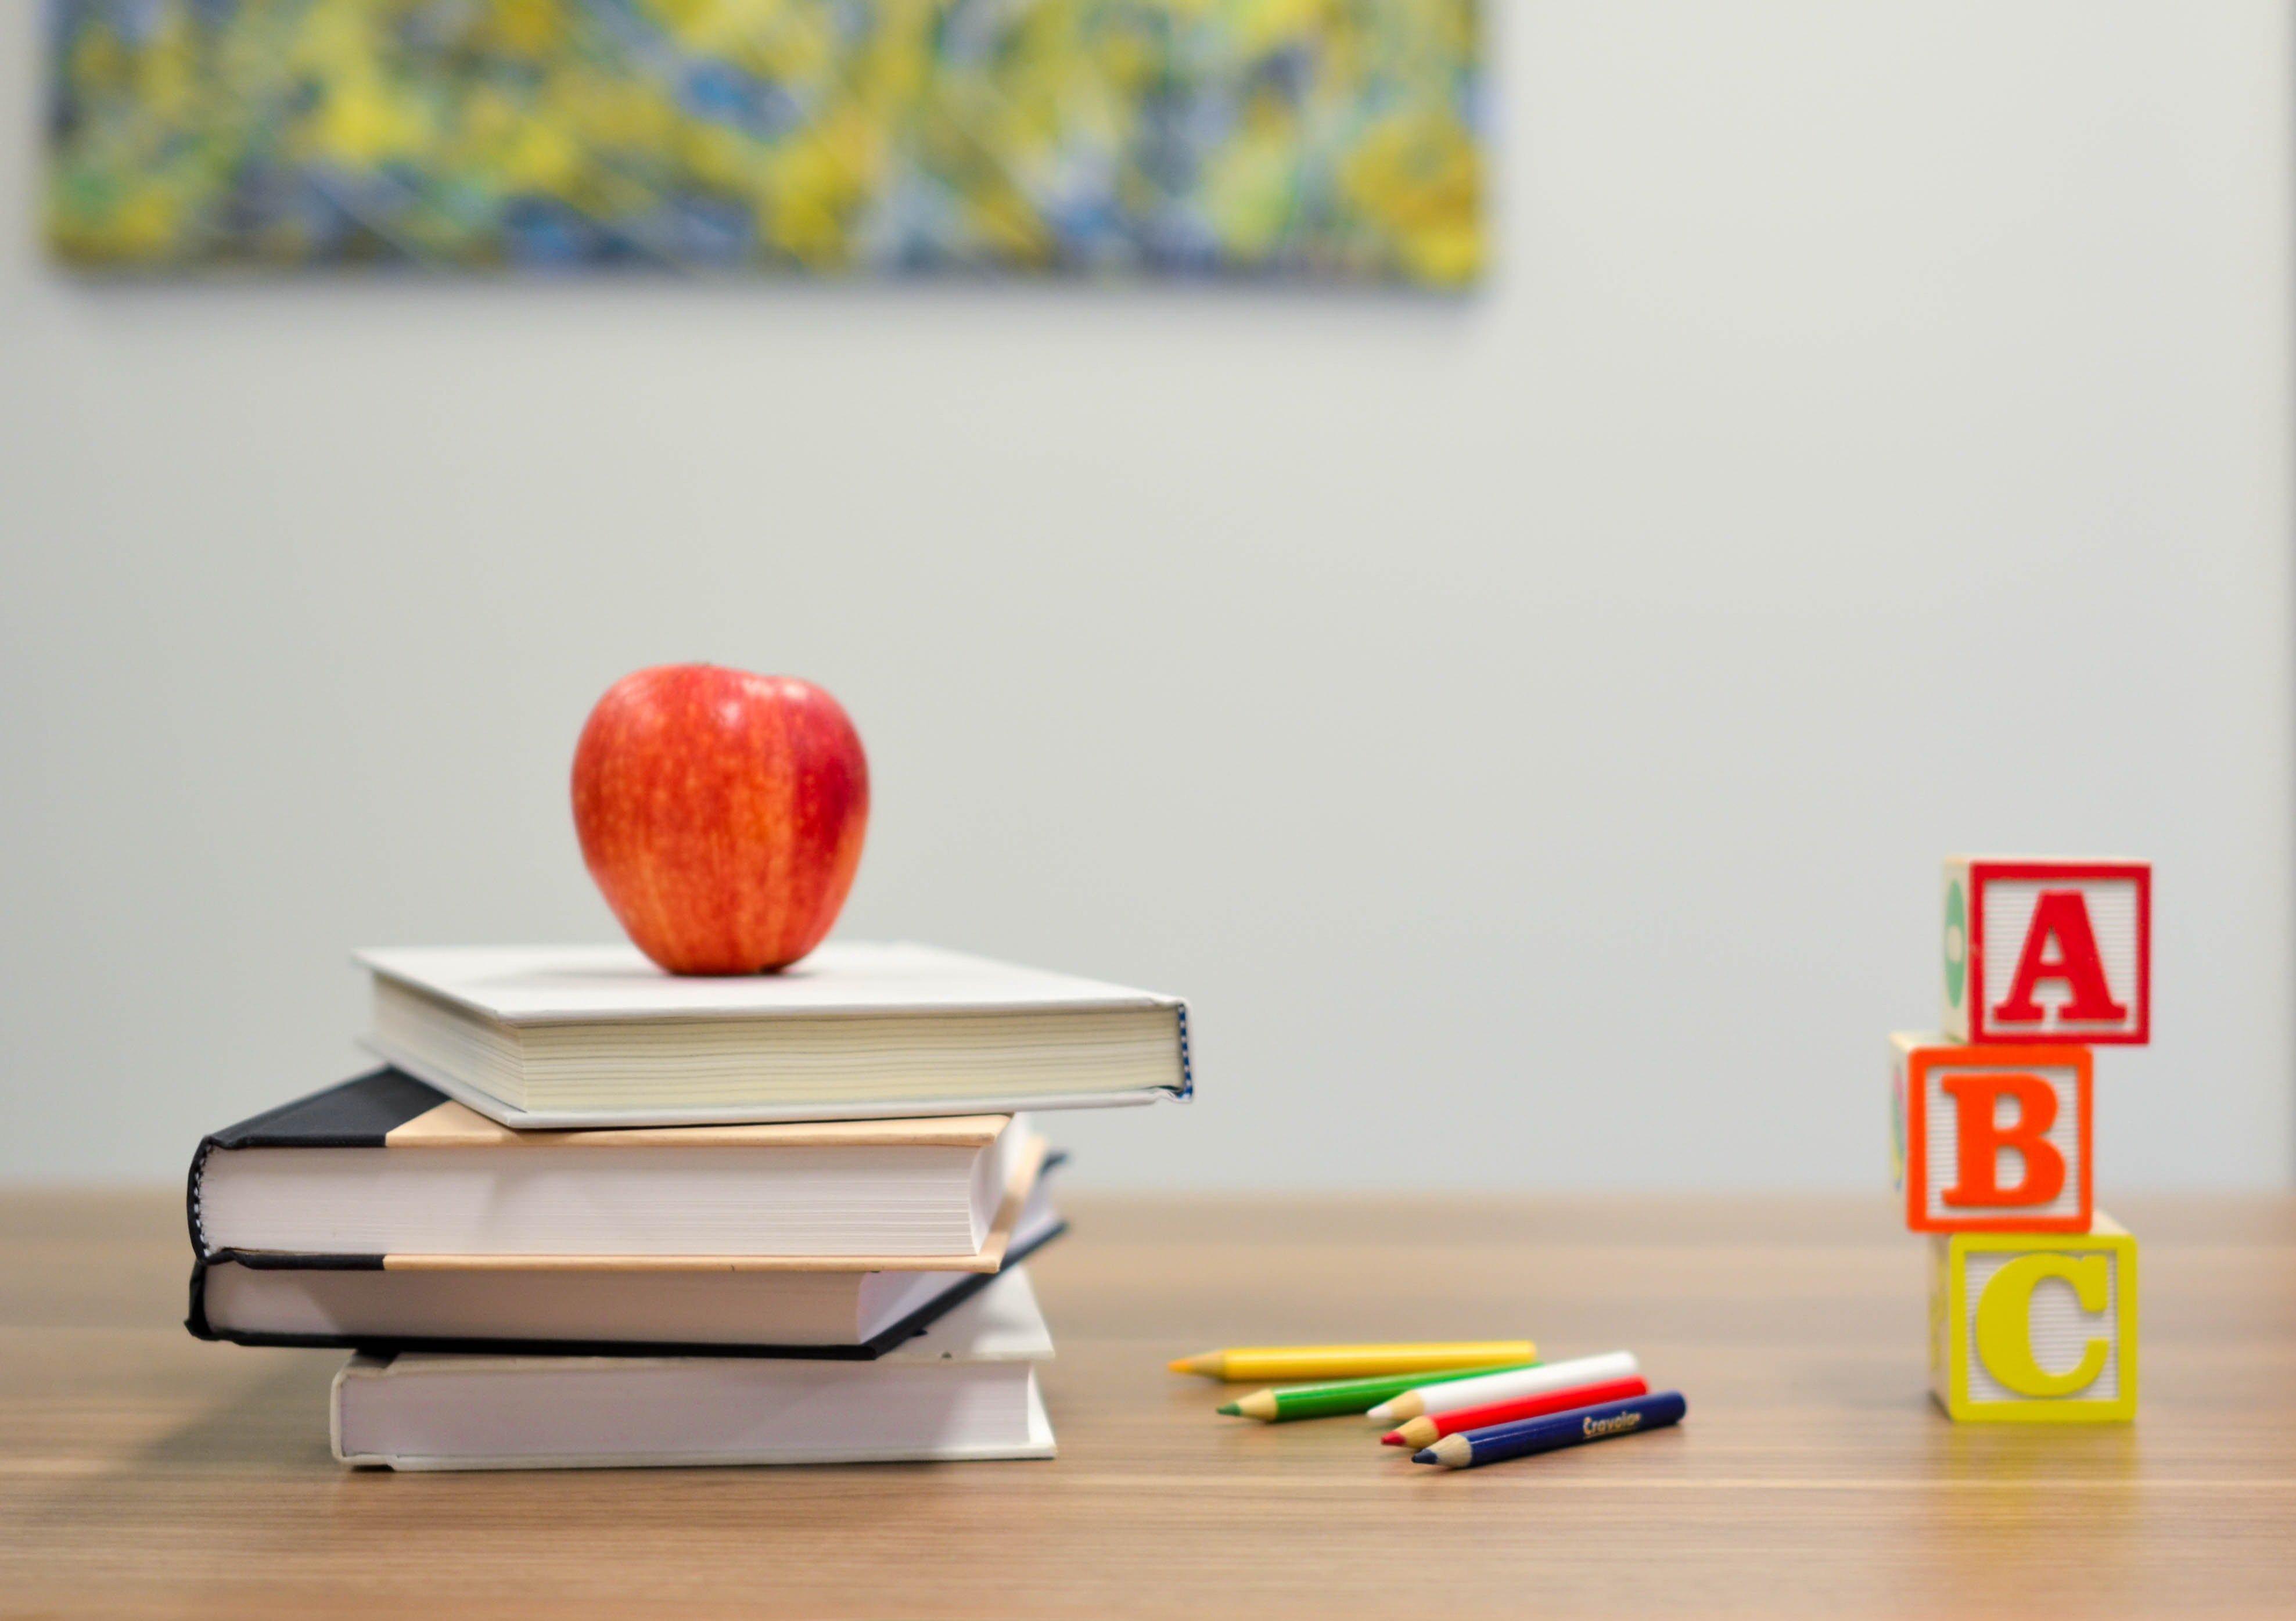 Jak uczyć dzieci rozsądnego zarządzania własnymi finansami?Jak u Jak uczyć dzieci rozsądnego zarządzania własnymi finansami?